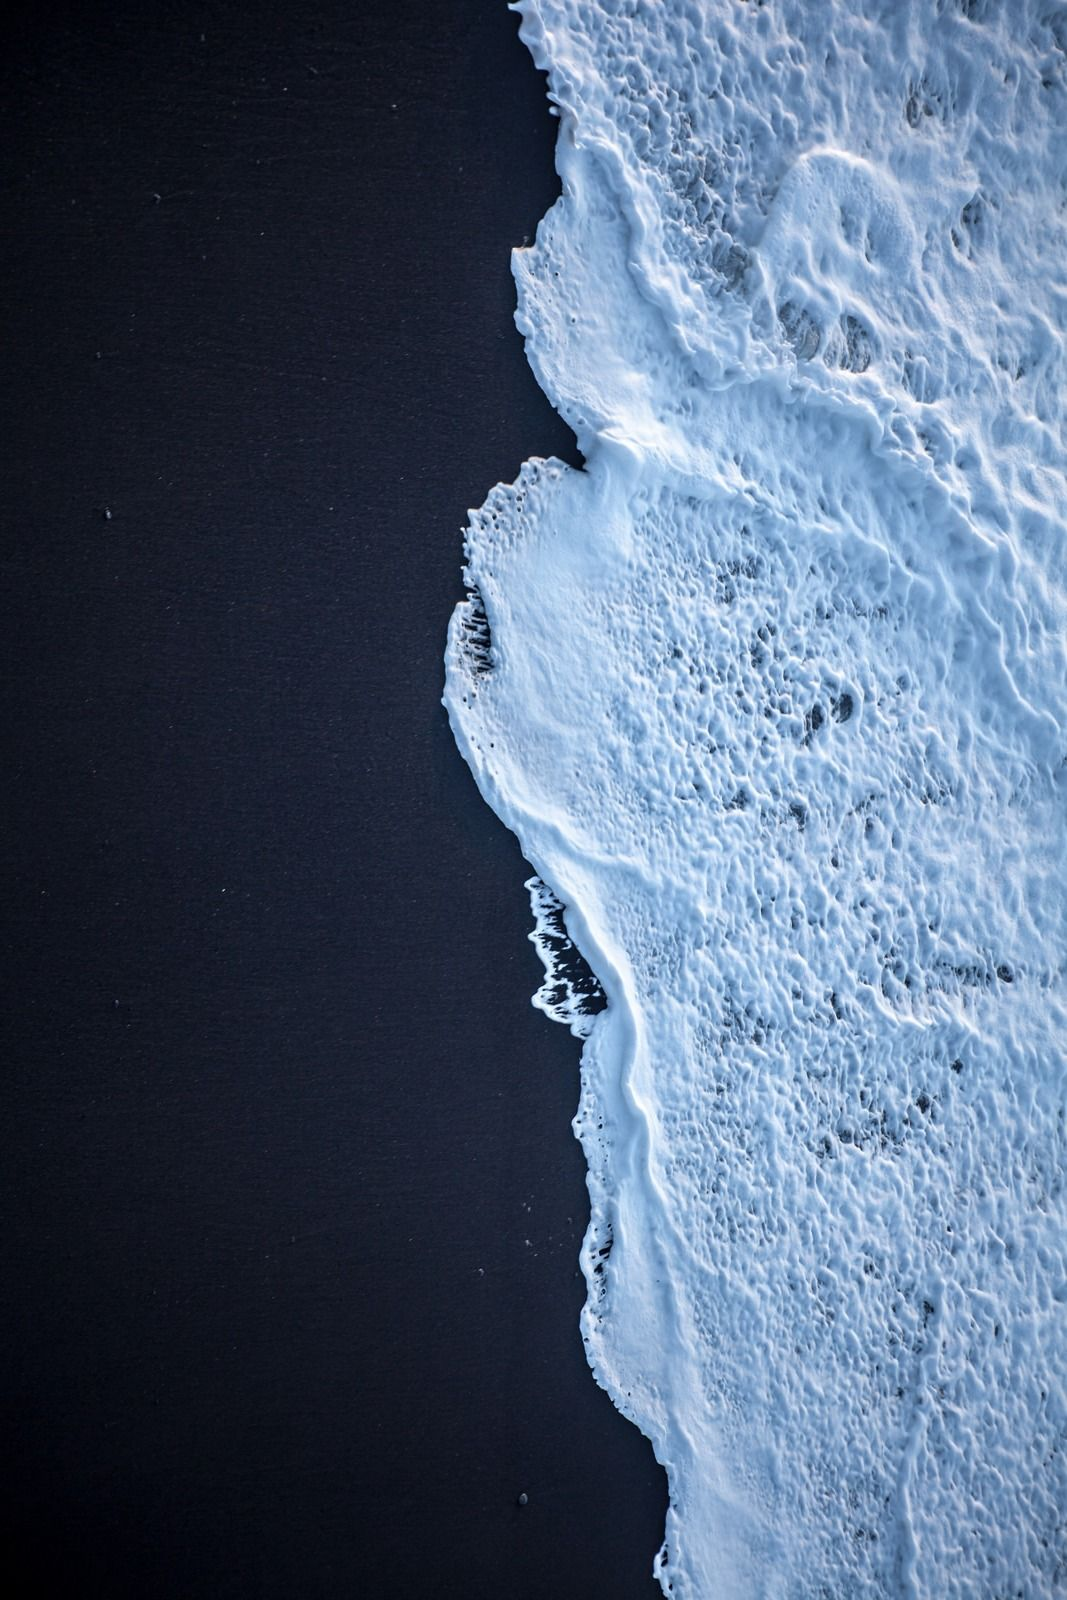 Black Beach Iceland Mousse Tableau De Maitre Abstrait La Nature Fait De Belles Vagues Sea And Ocean Photography Iceland